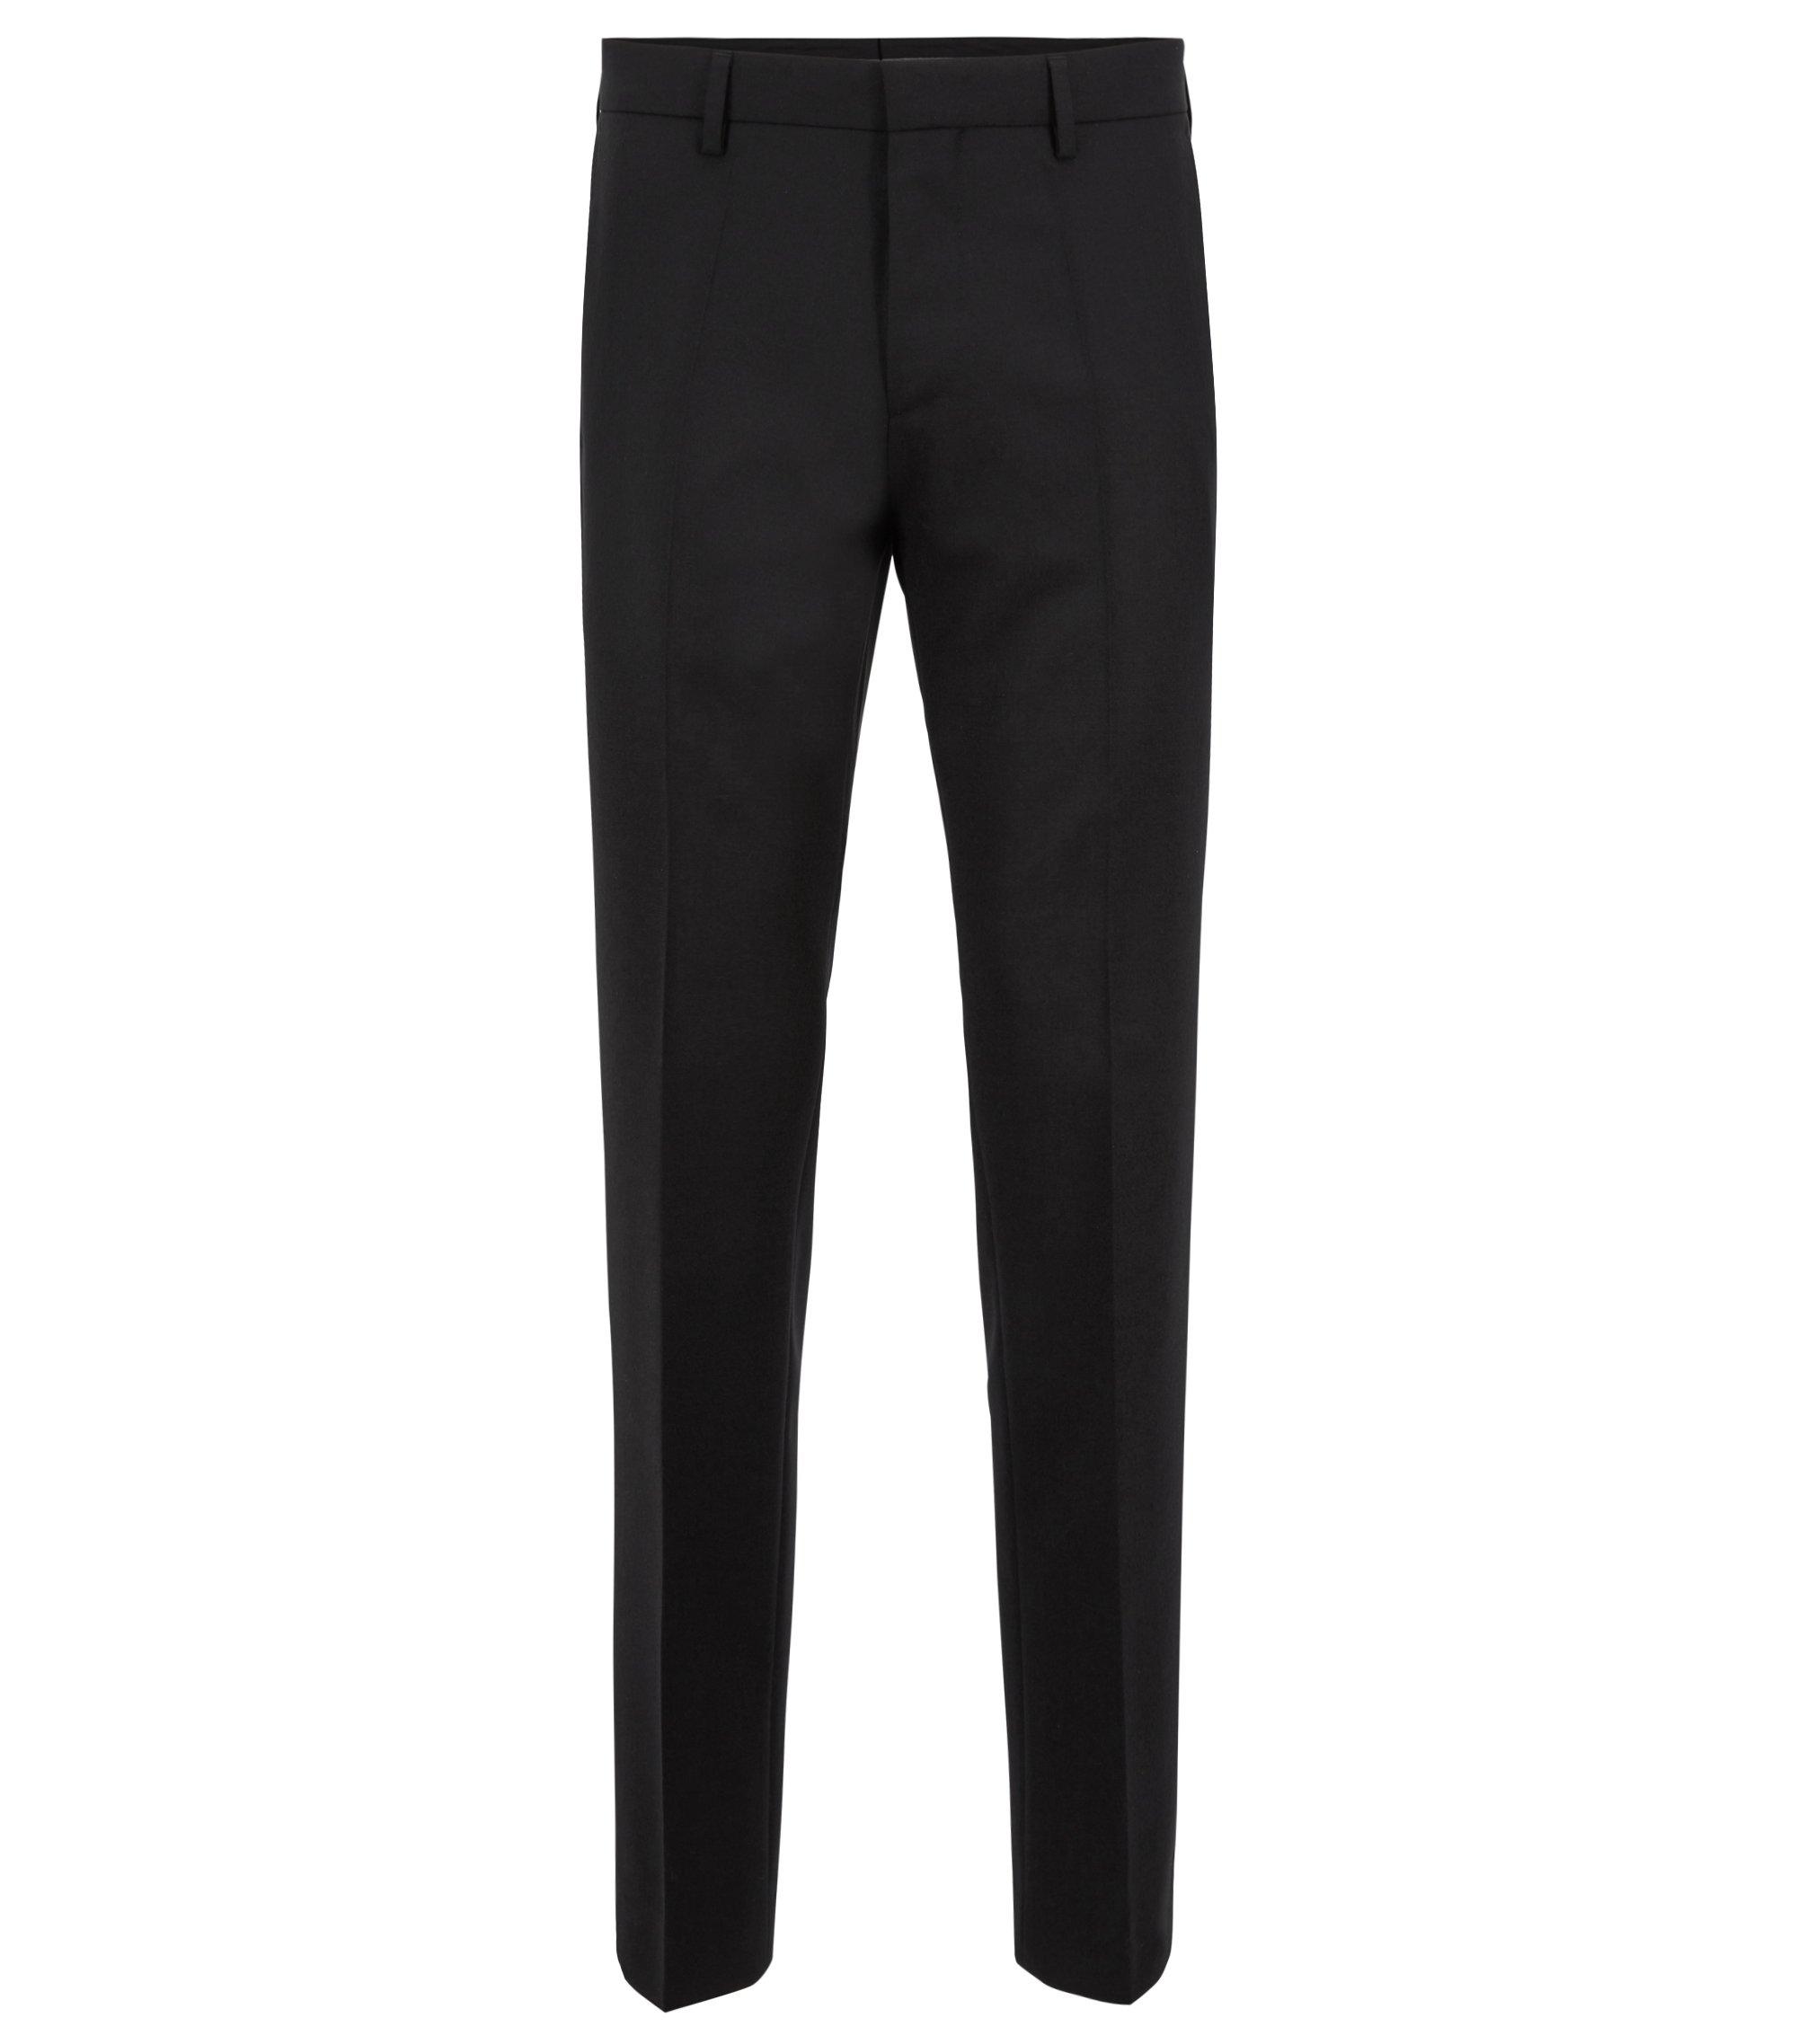 Pantalon Slim Fit en laine vierge avec détails intérieurs, Noir